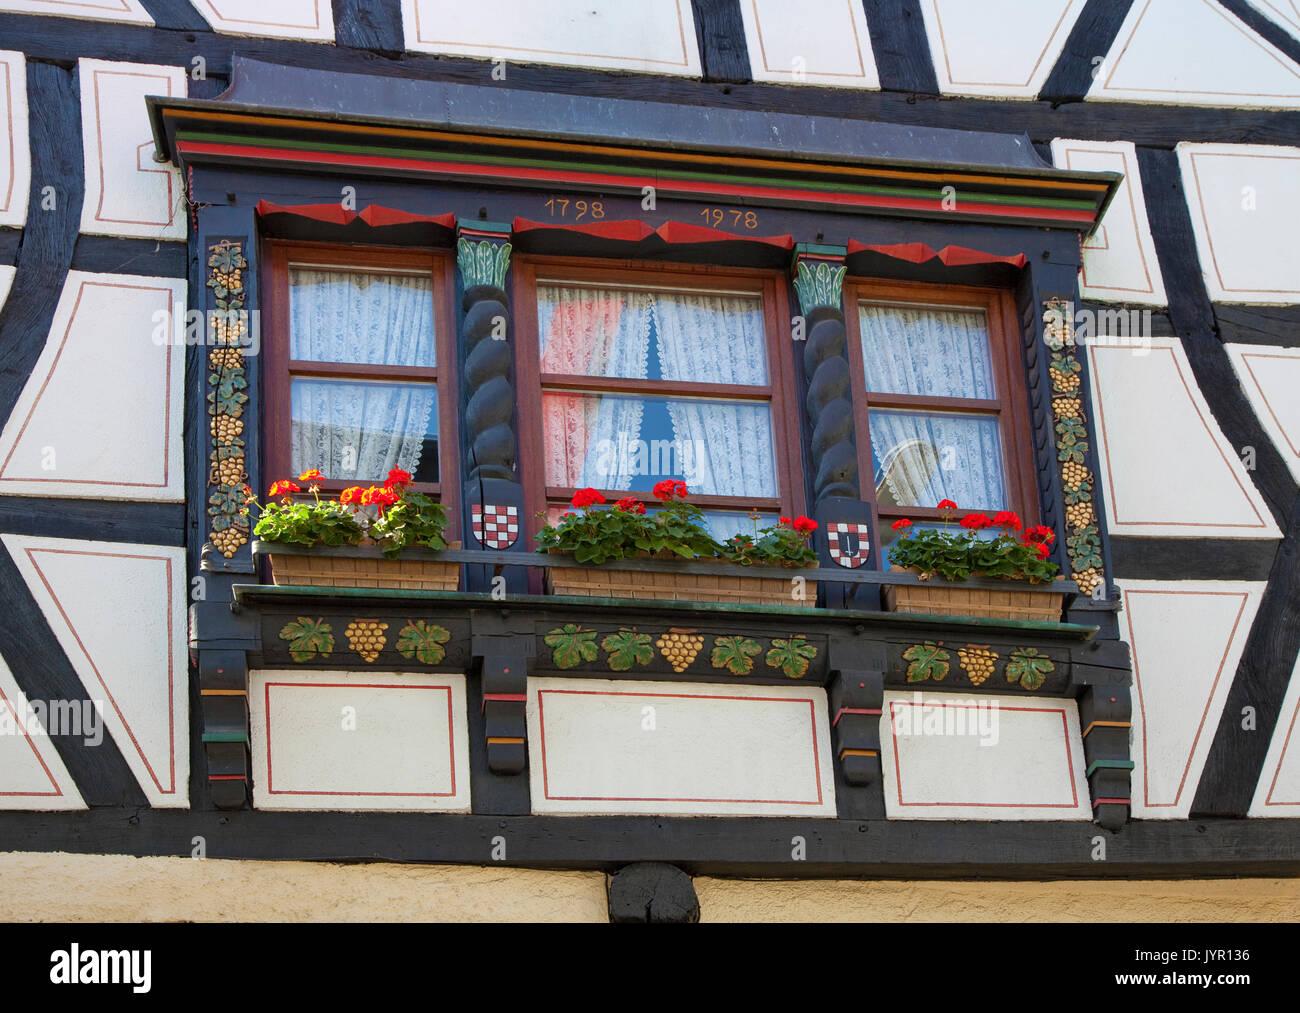 Holzschnitzerei, Weintrauben und Weinblaetter zieren einen Fensterrahmen, Fachwerkfassade im Weinort Winningen, Untermosel, Landkreis Mayen-Koblenz, R - Stock Image